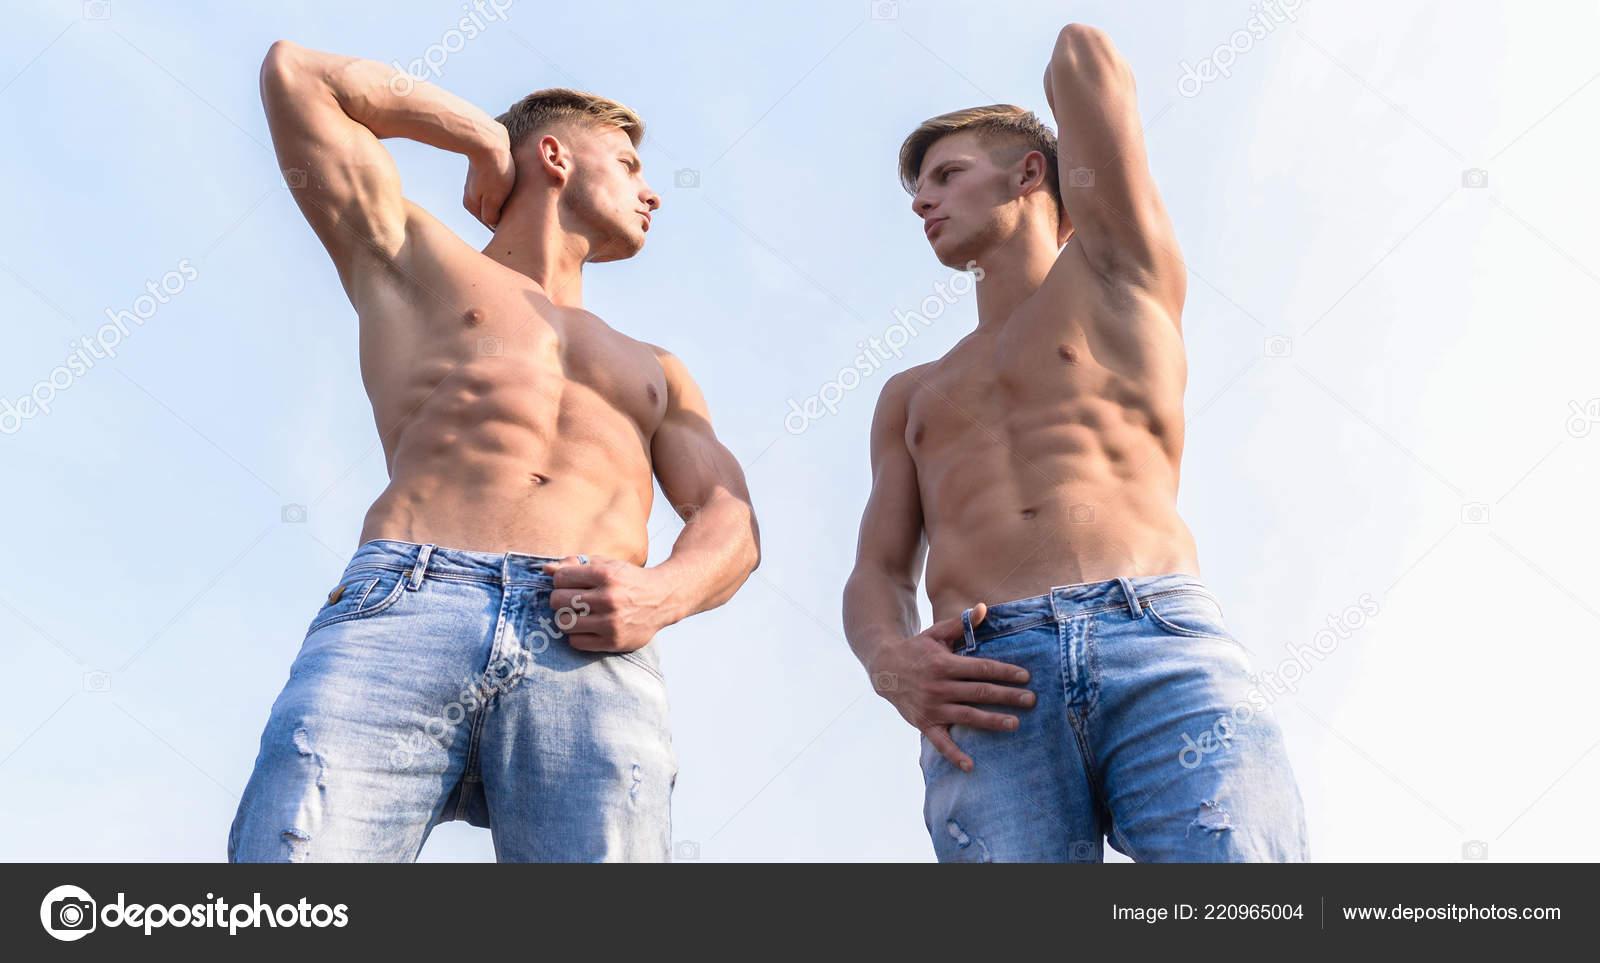 sexualität männer